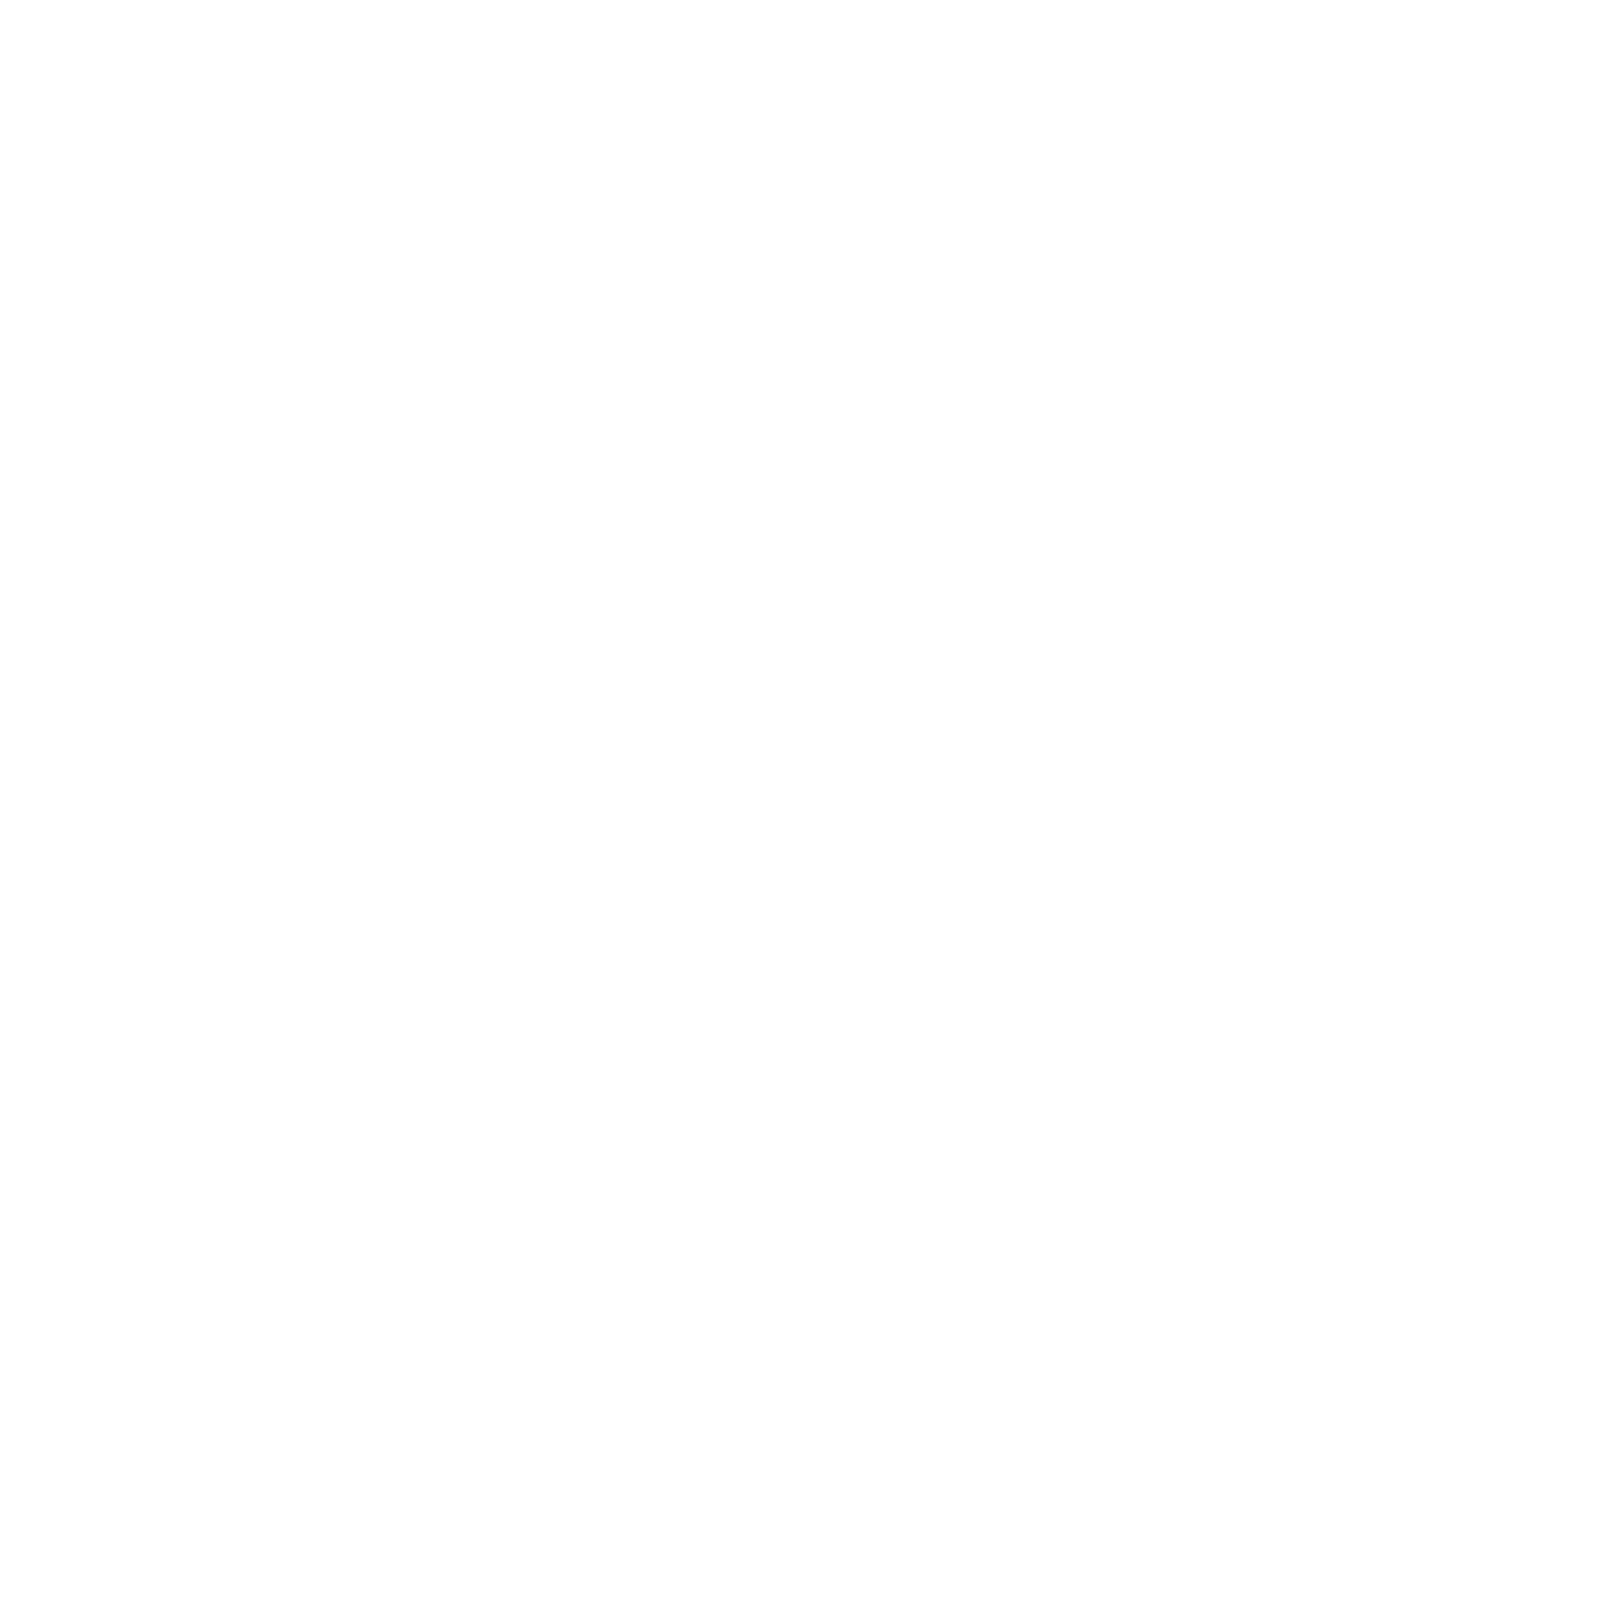 kingsfield-project-logo